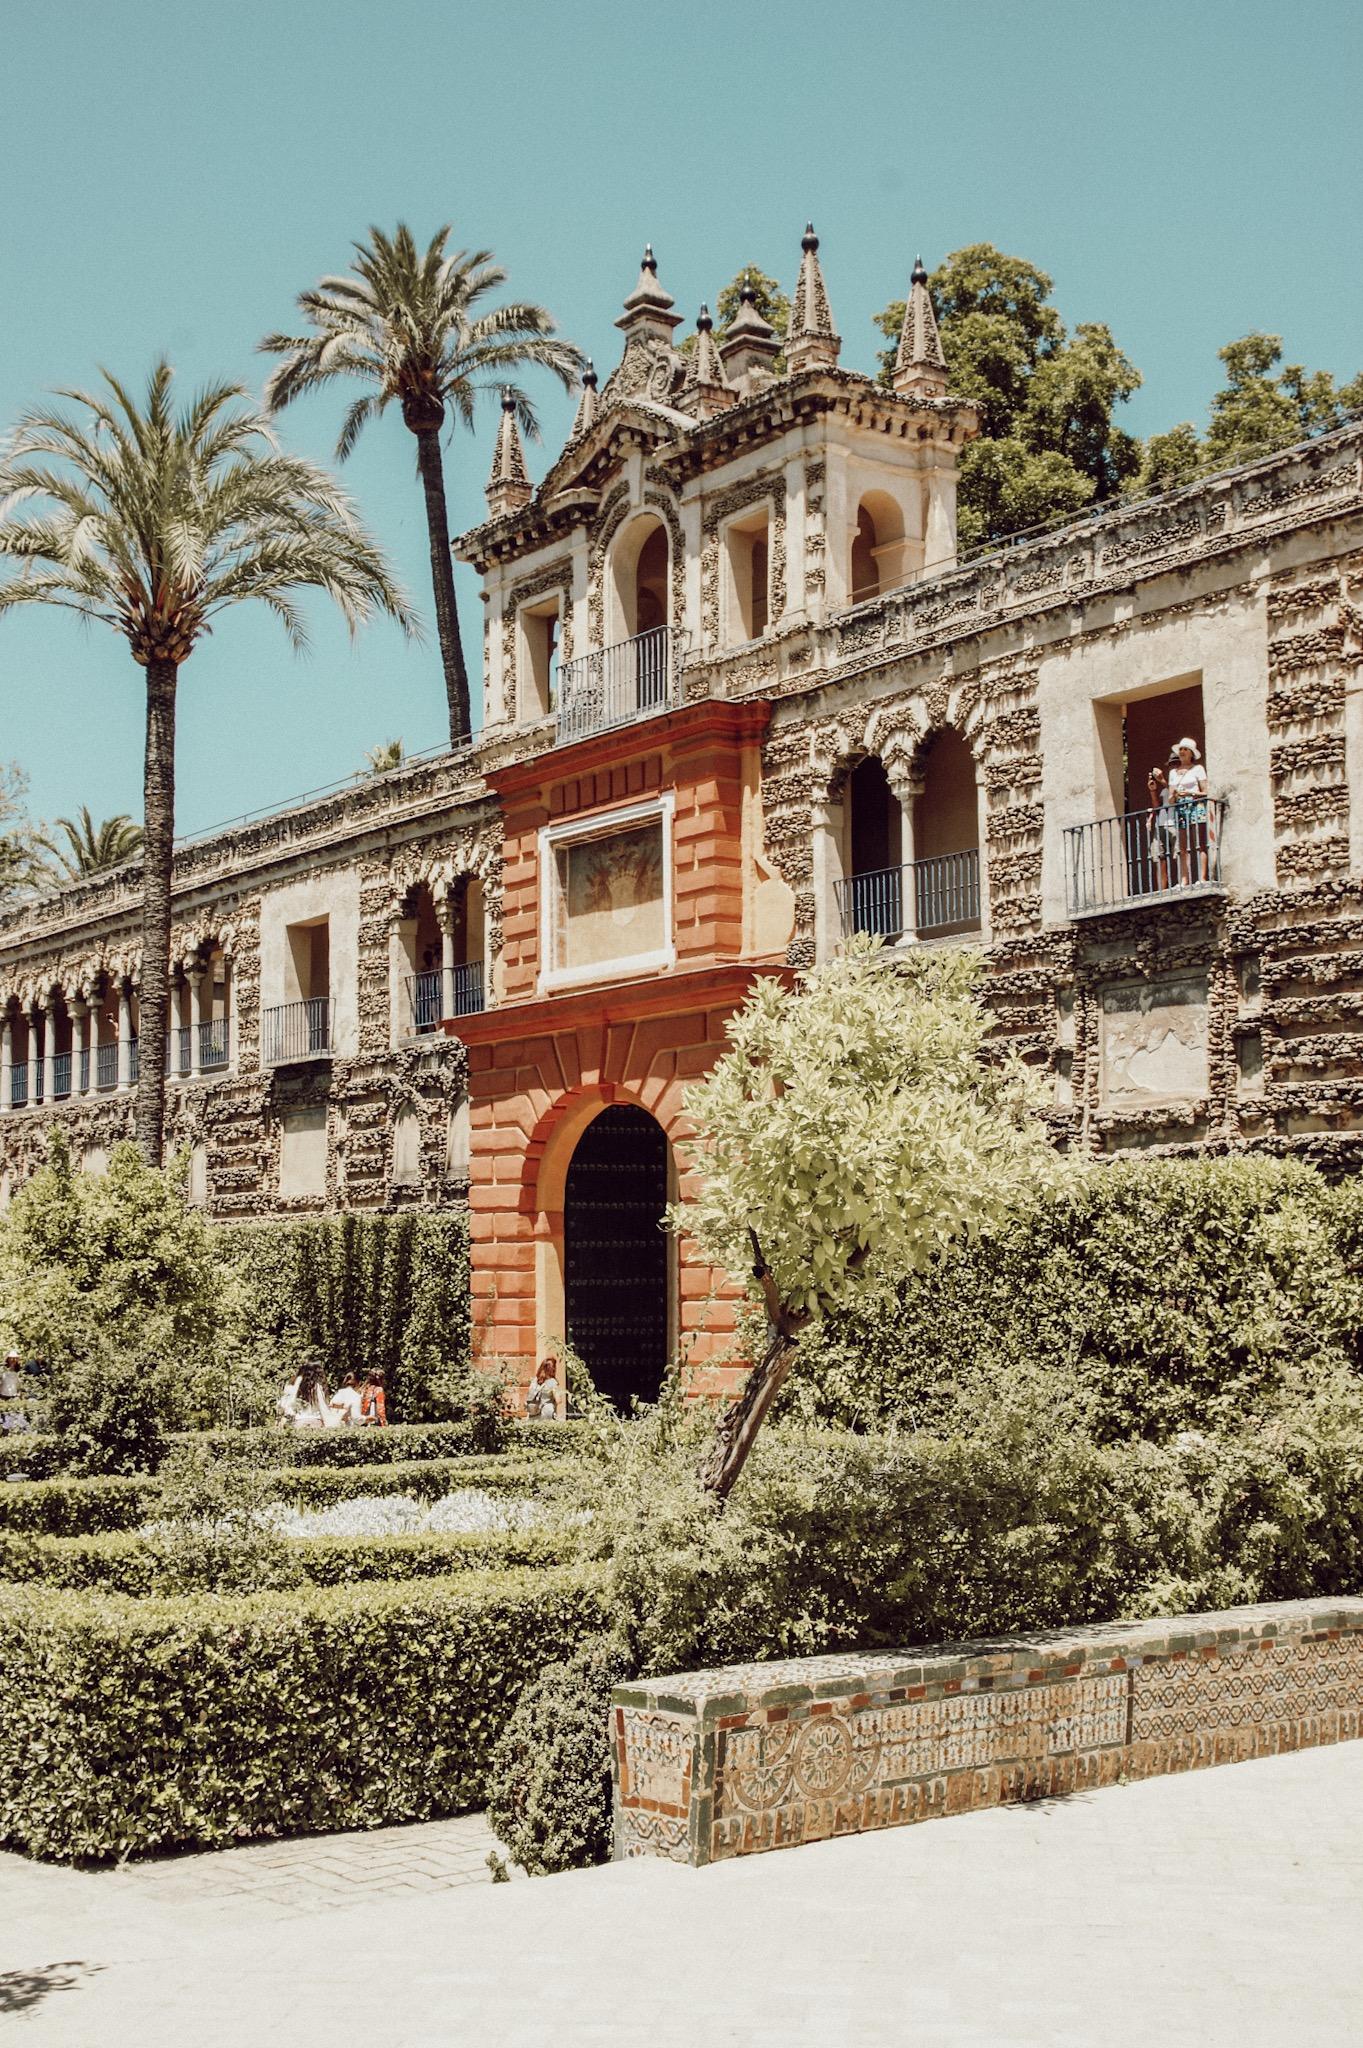 Sevilla Reales Alcazares